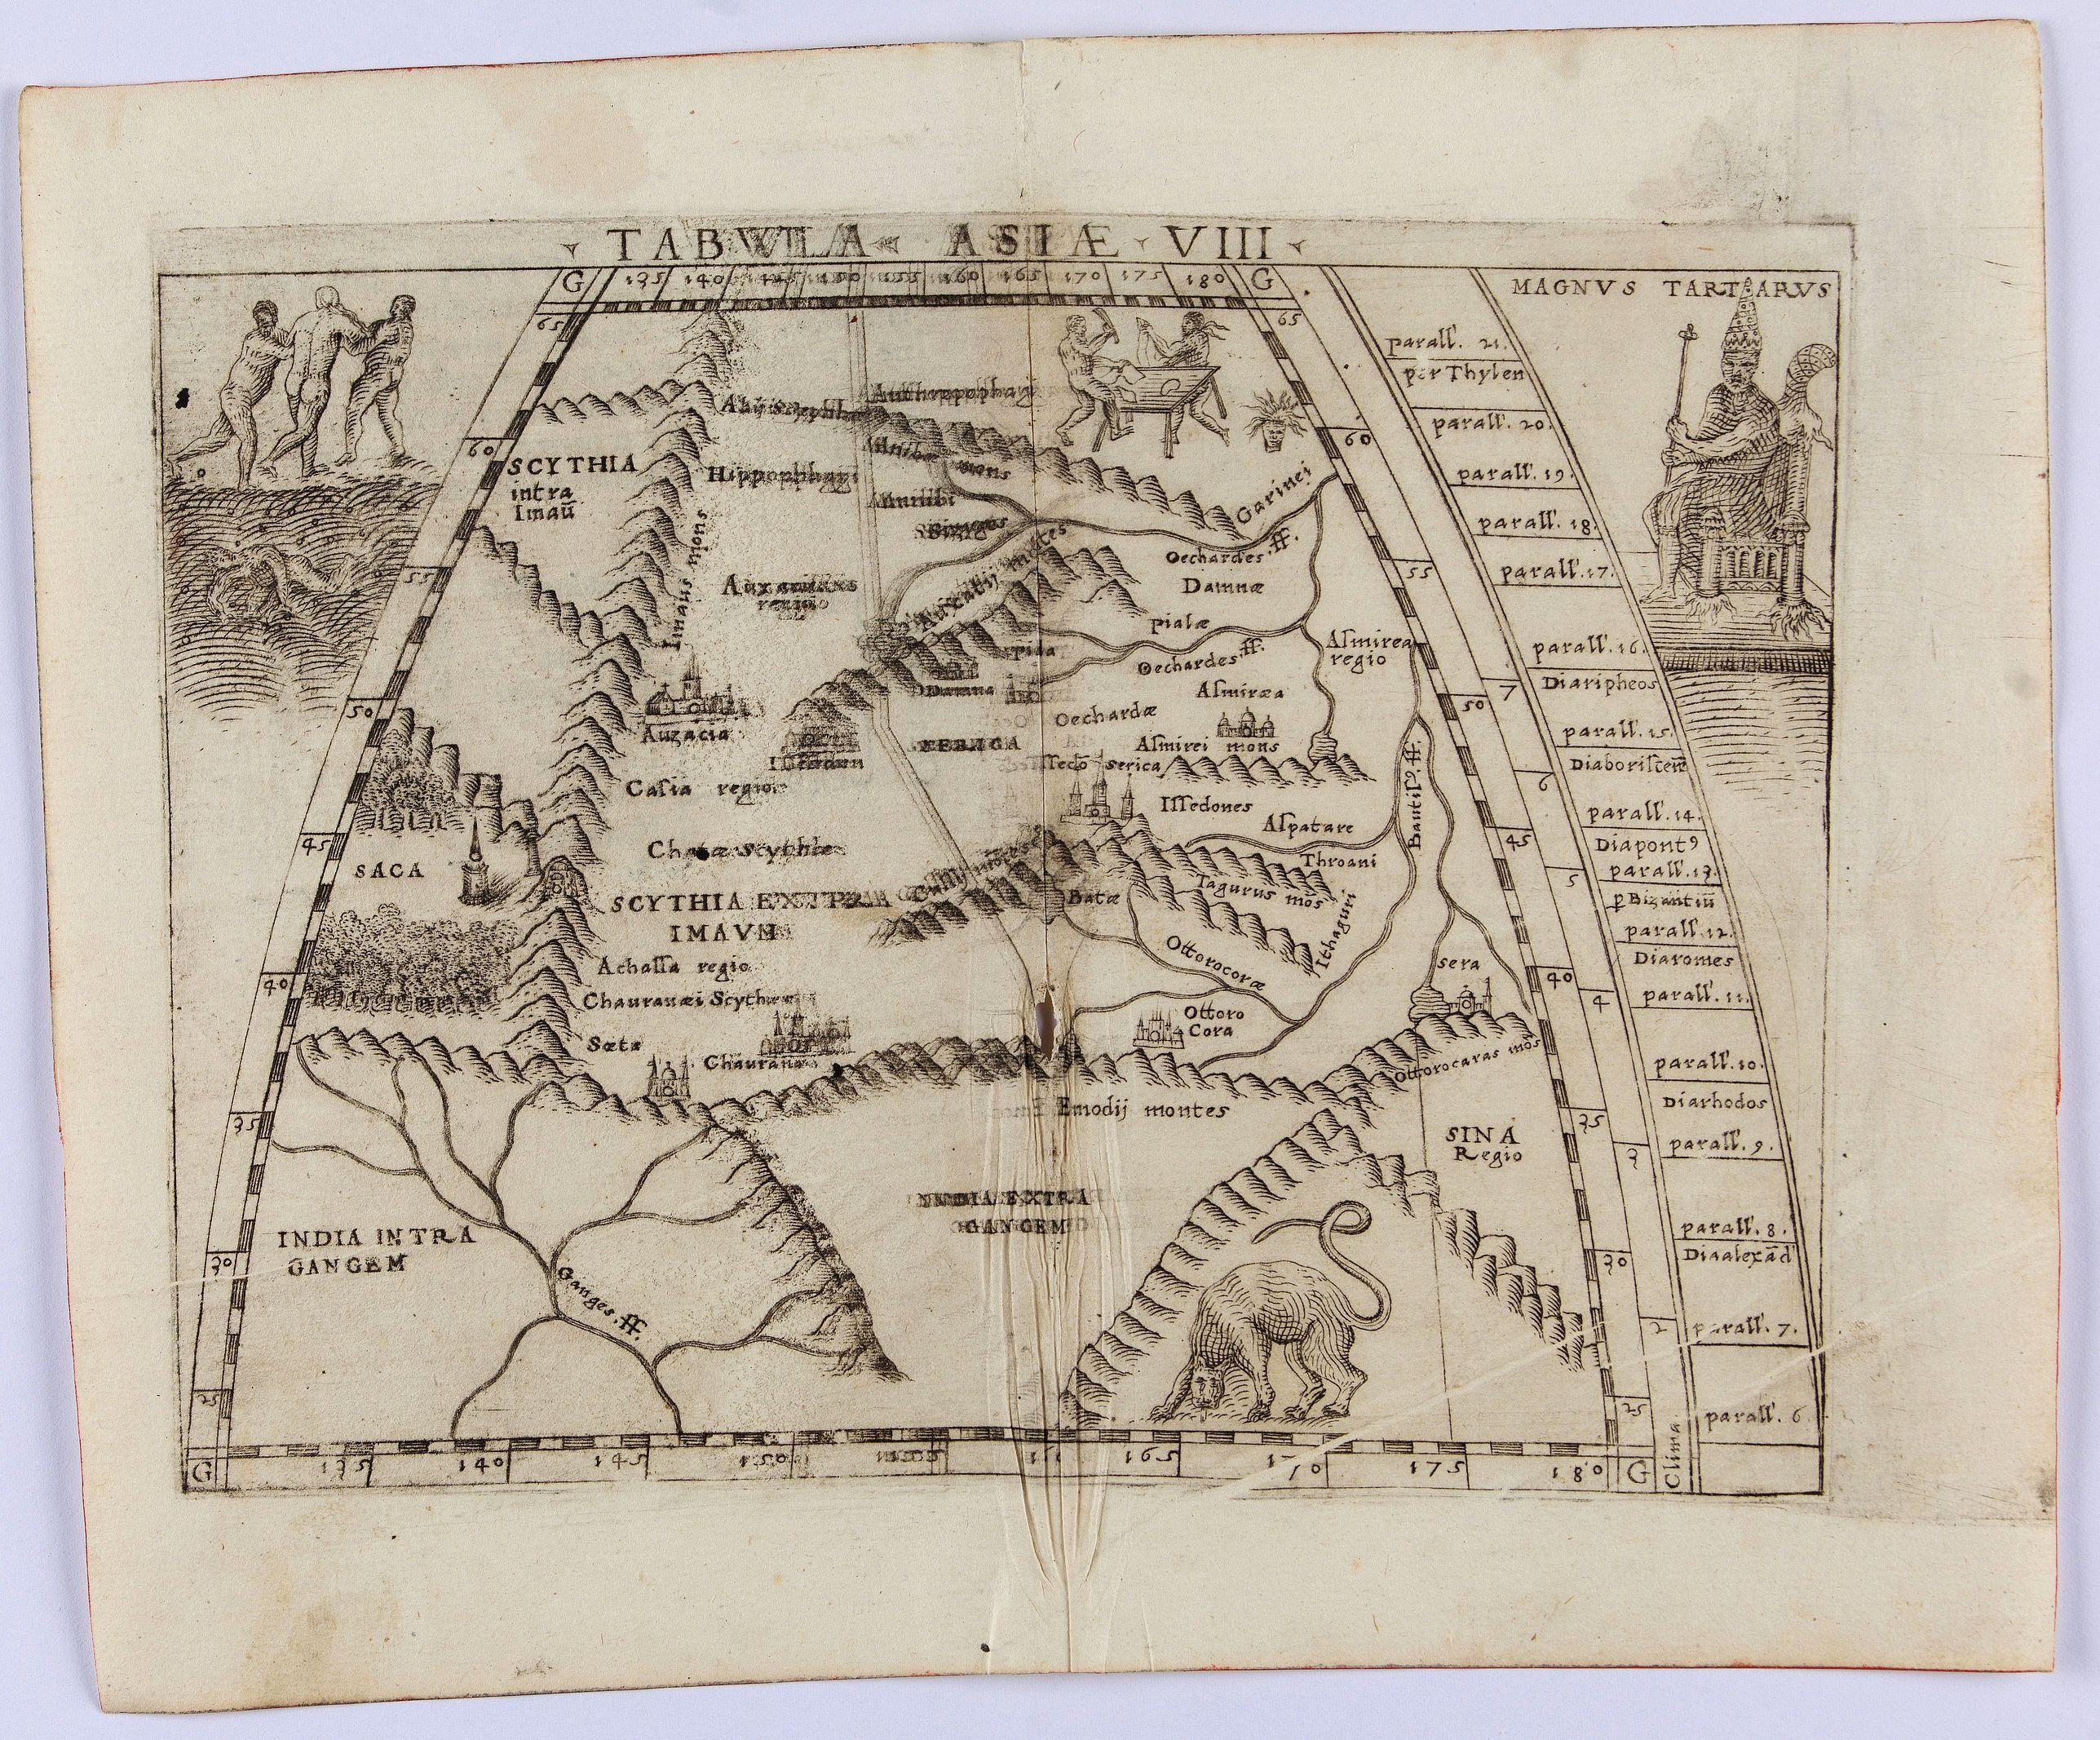 GASTALDI, G. -  Tabula Asiae VIII (India & Central Asia)